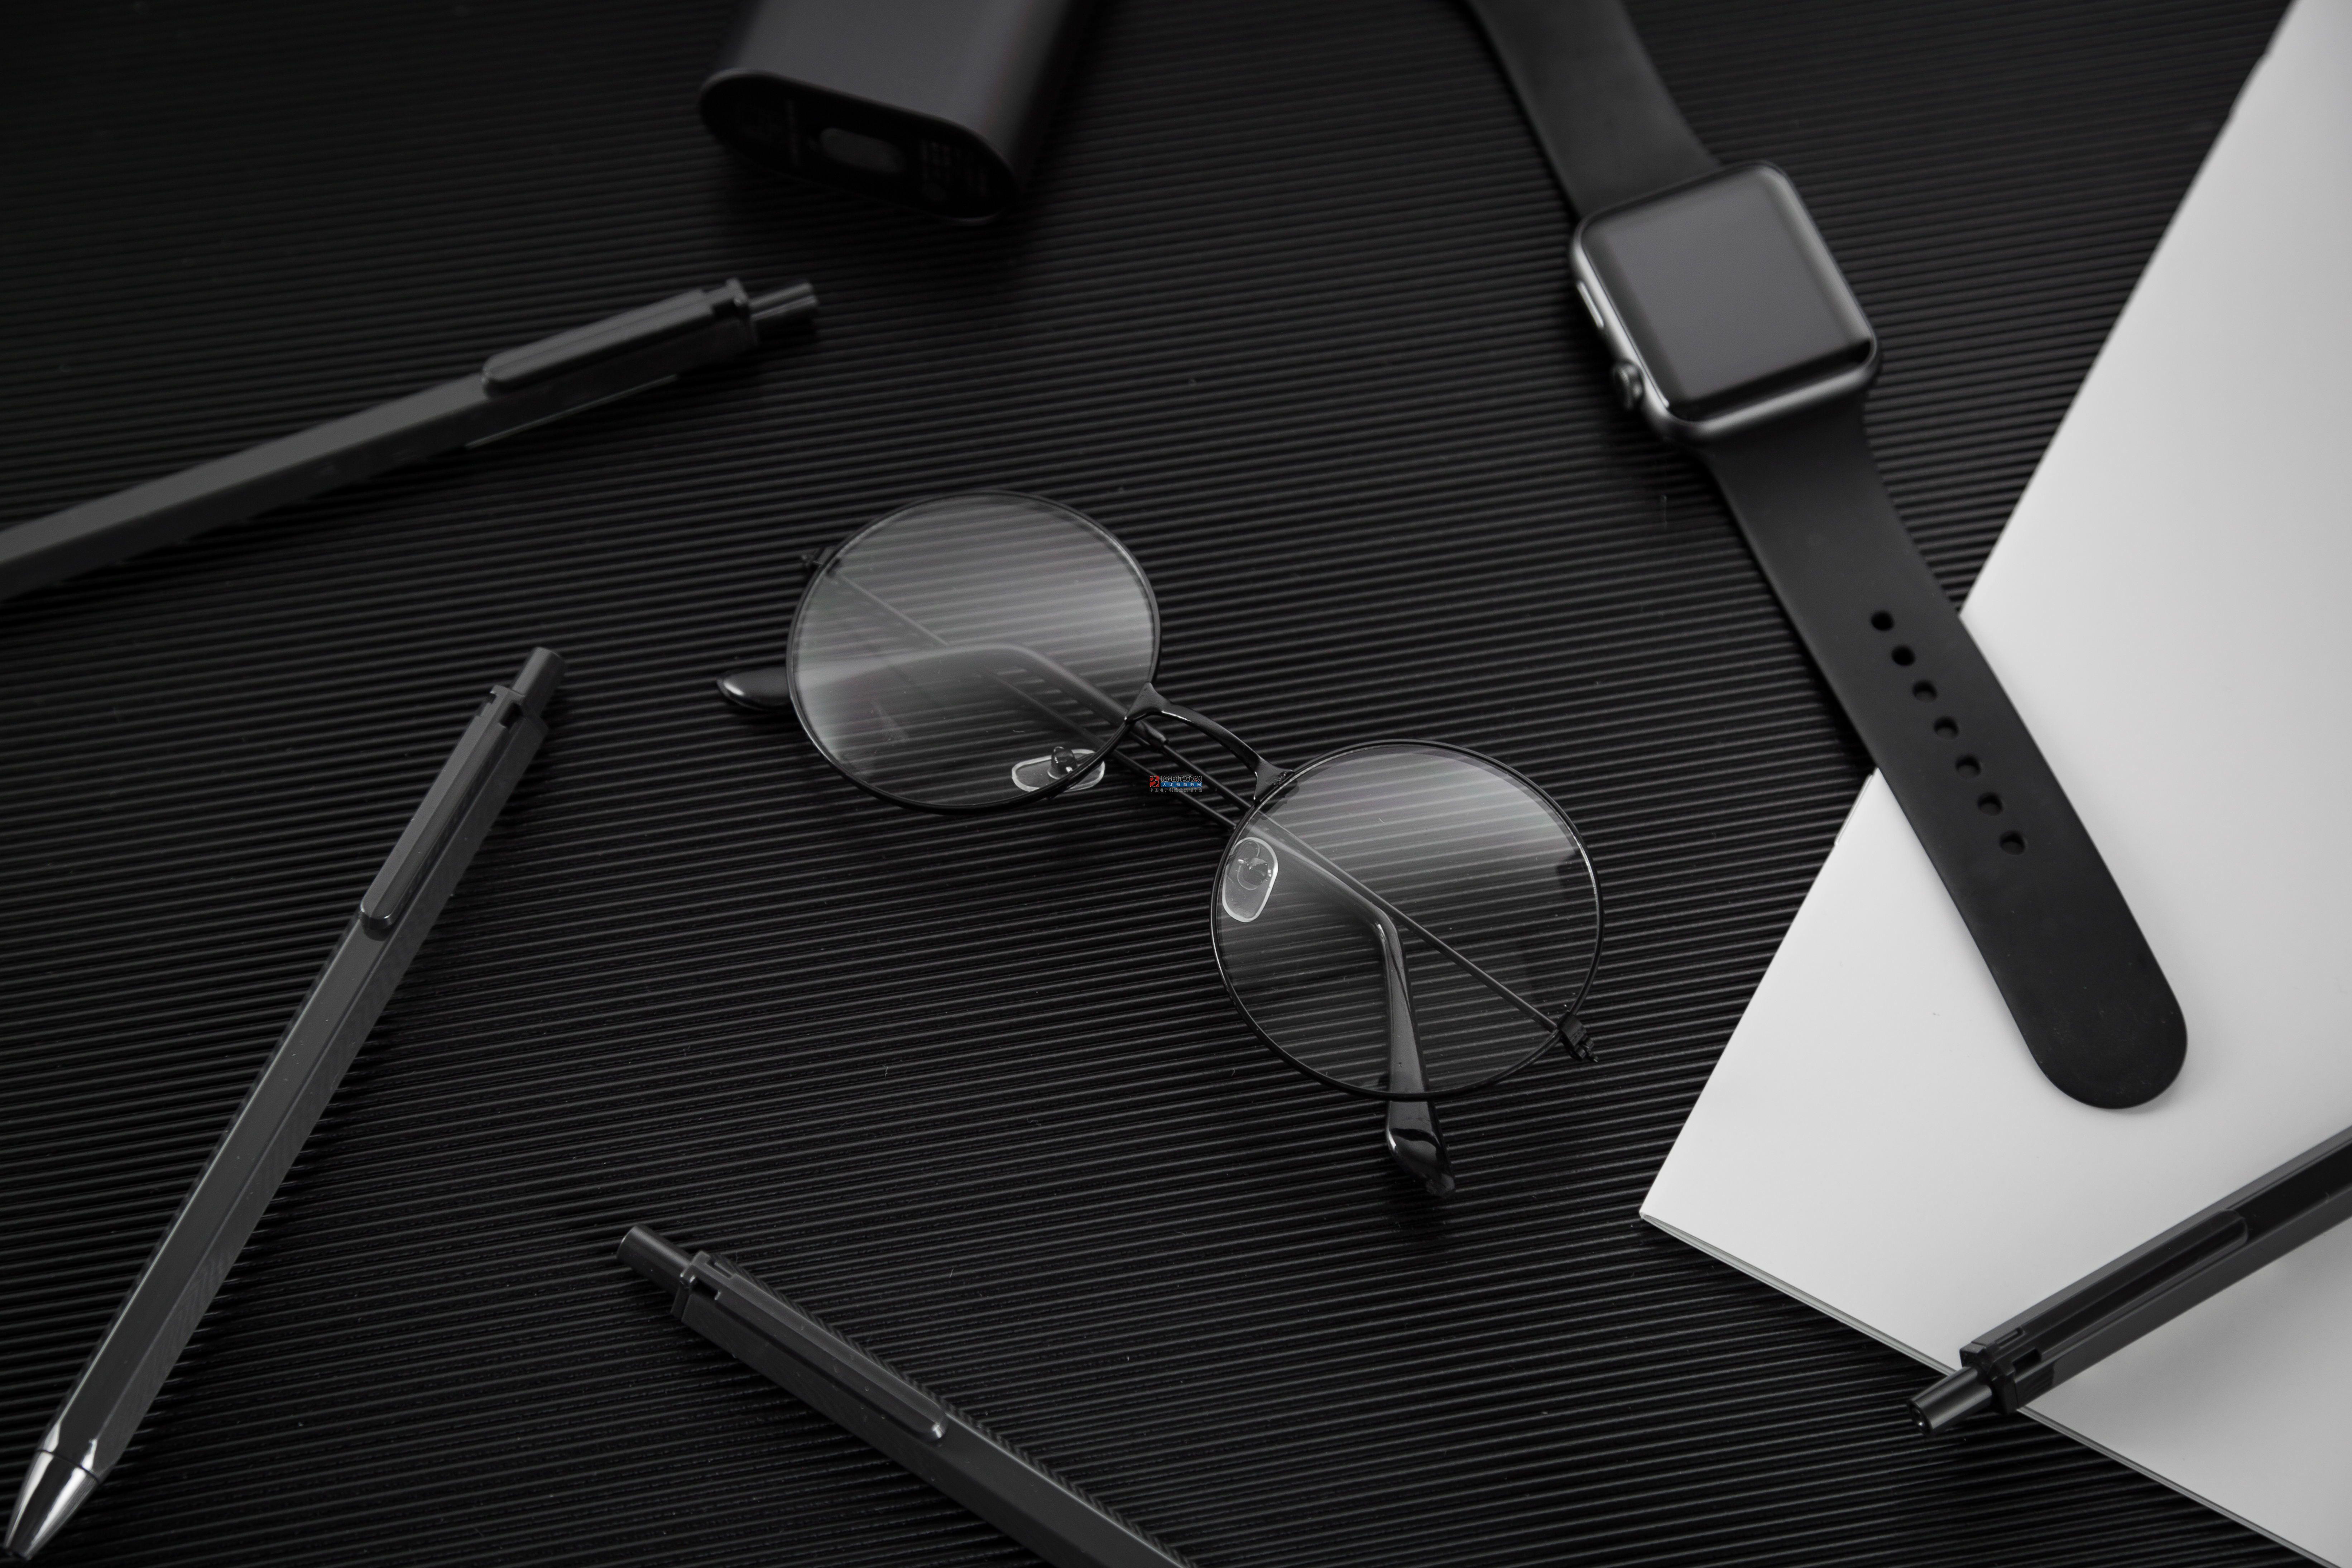 高通官方解读骁龙Wear 4100可穿戴设备平台